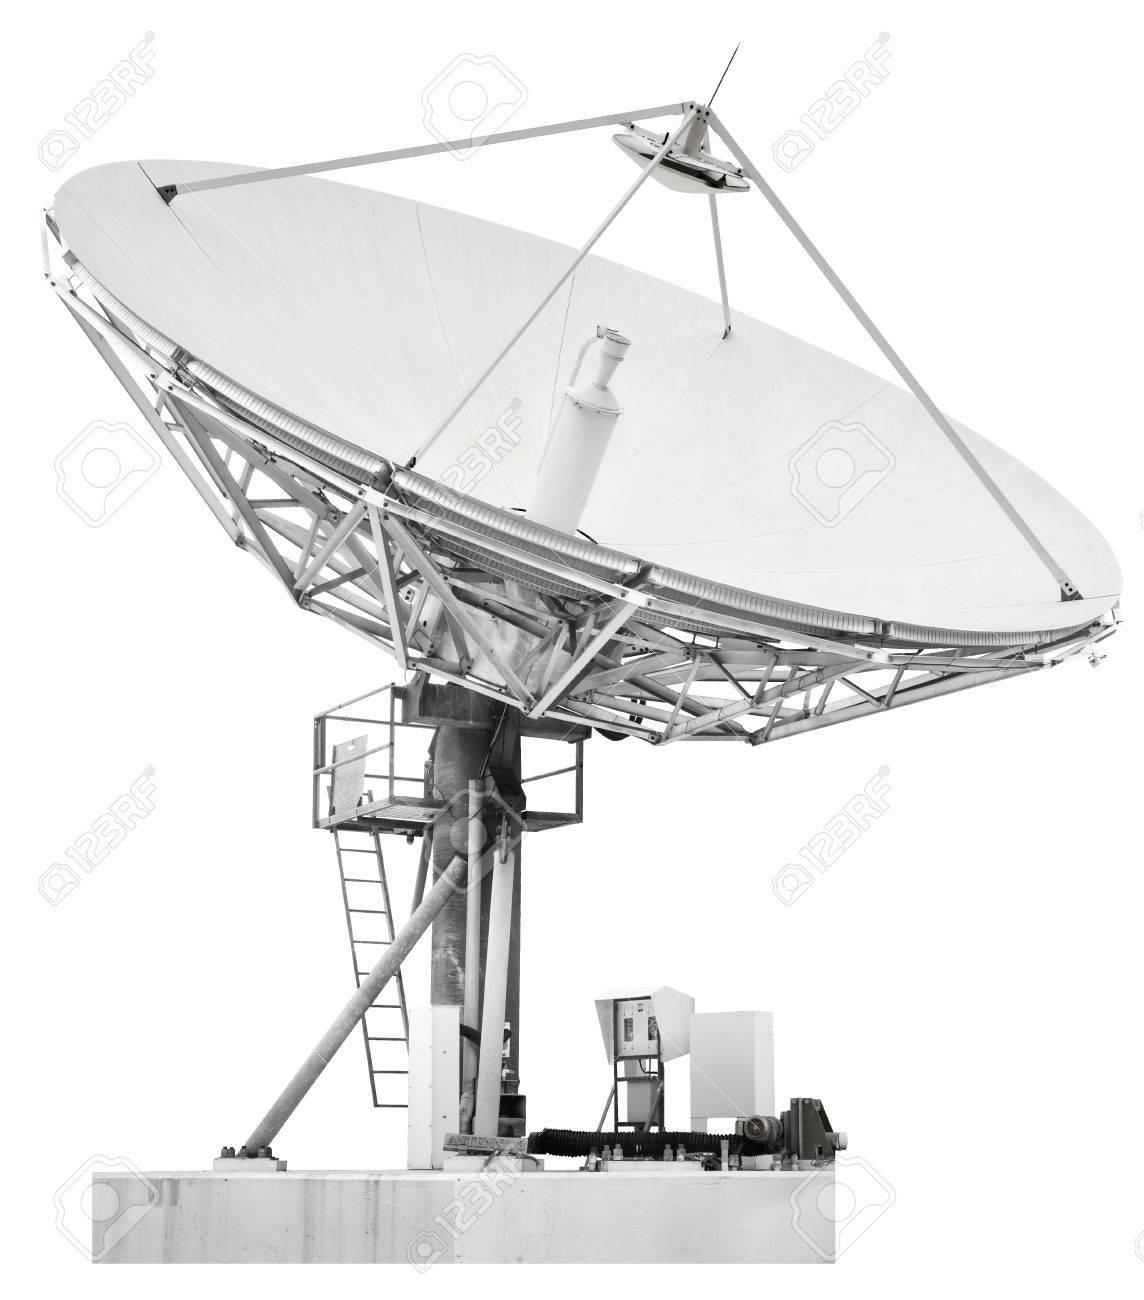 une antenne parabolique est un type d'antenne parabolique en forme